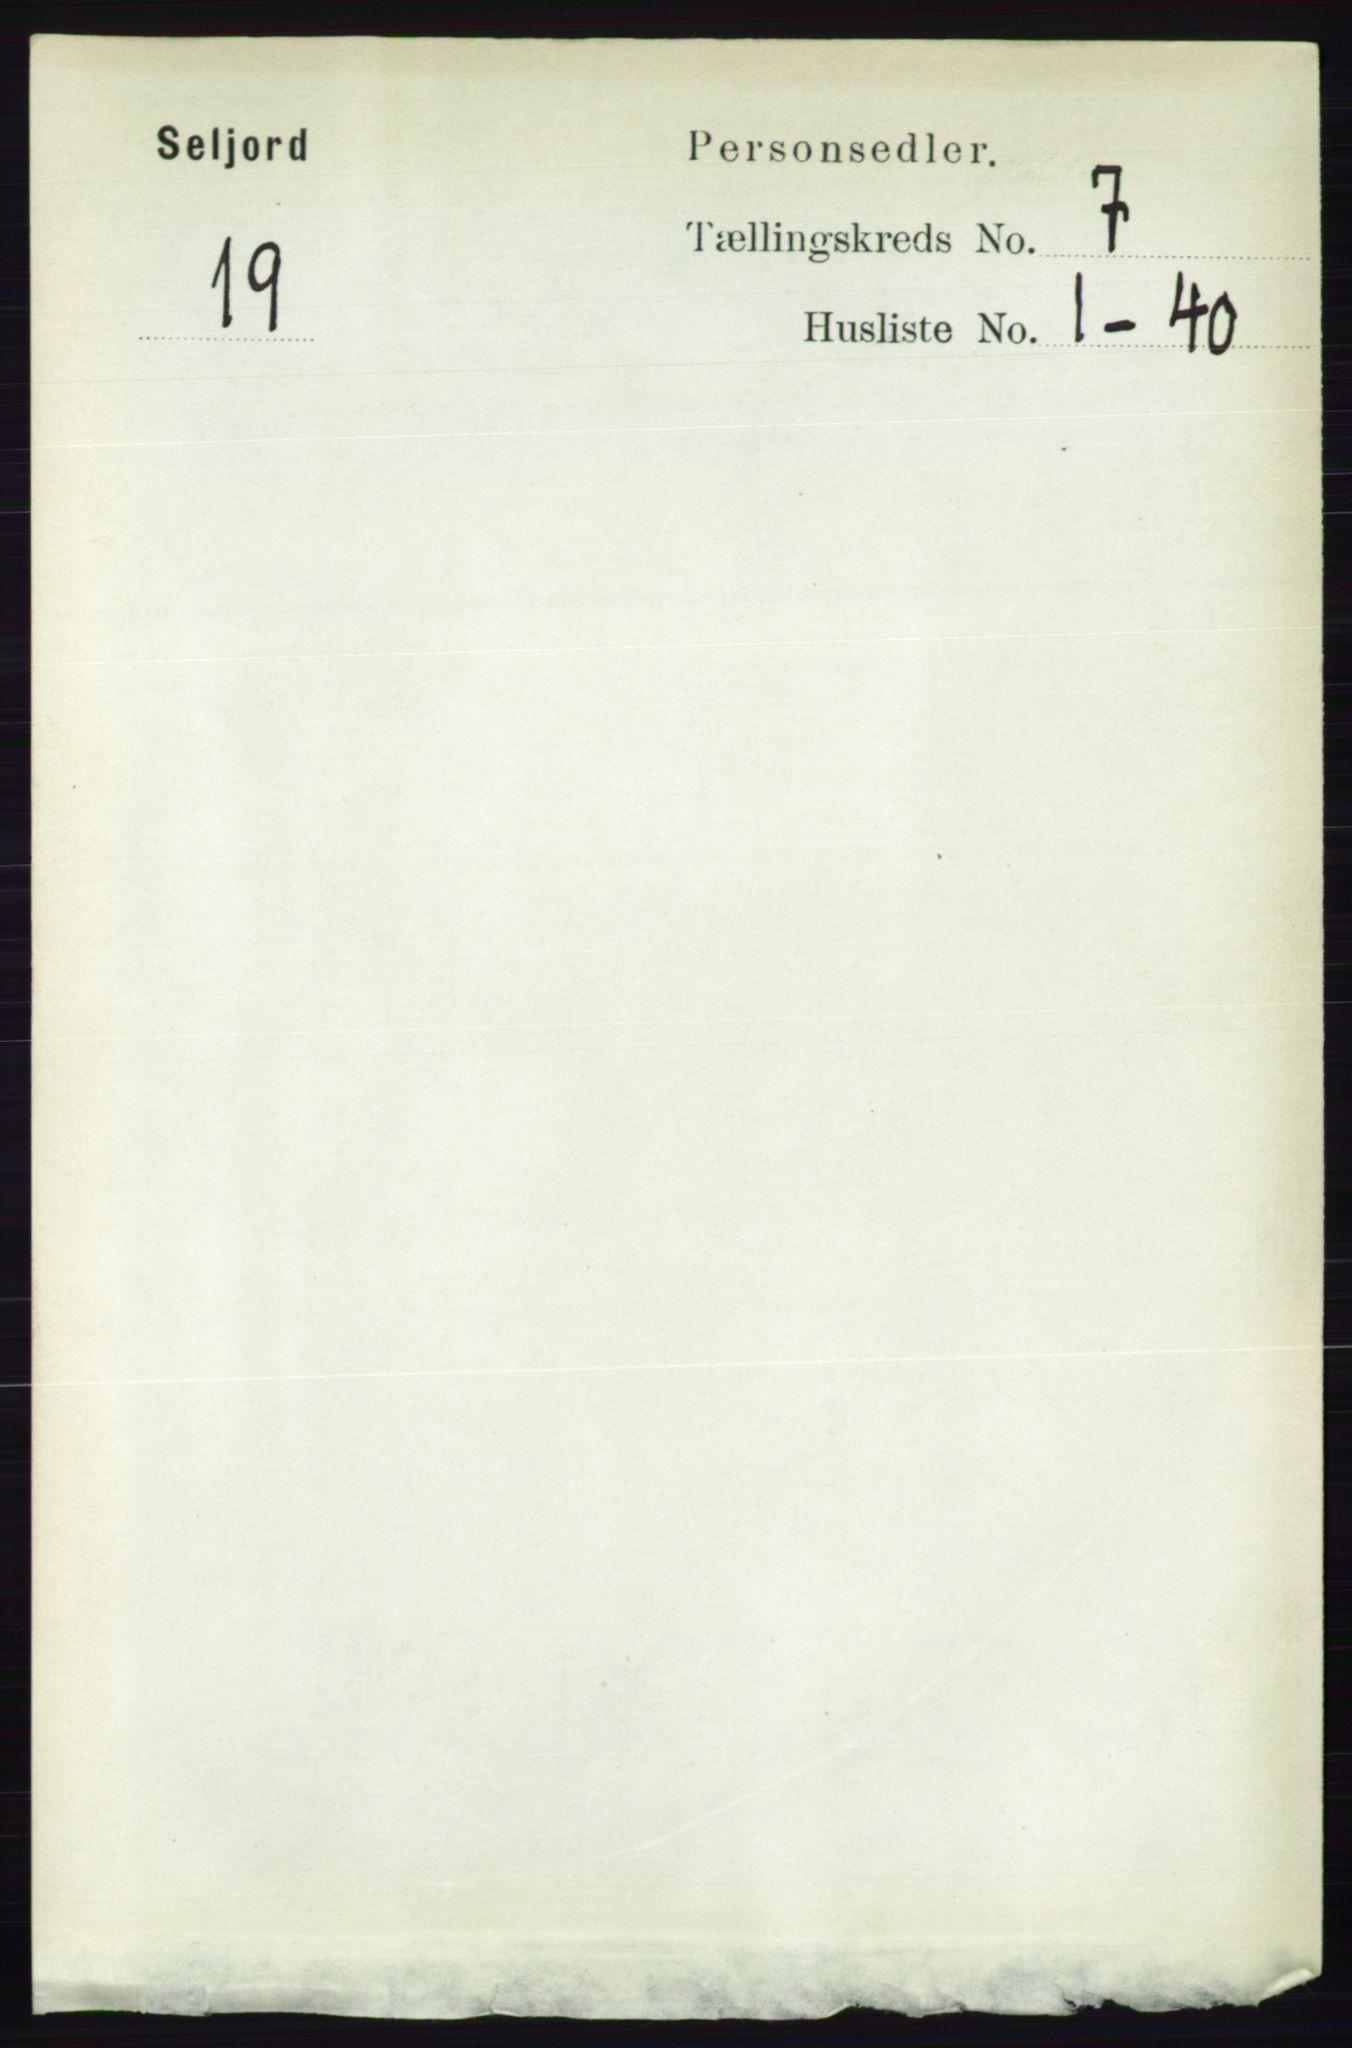 RA, Folketelling 1891 for 0828 Seljord herred, 1891, s. 2605